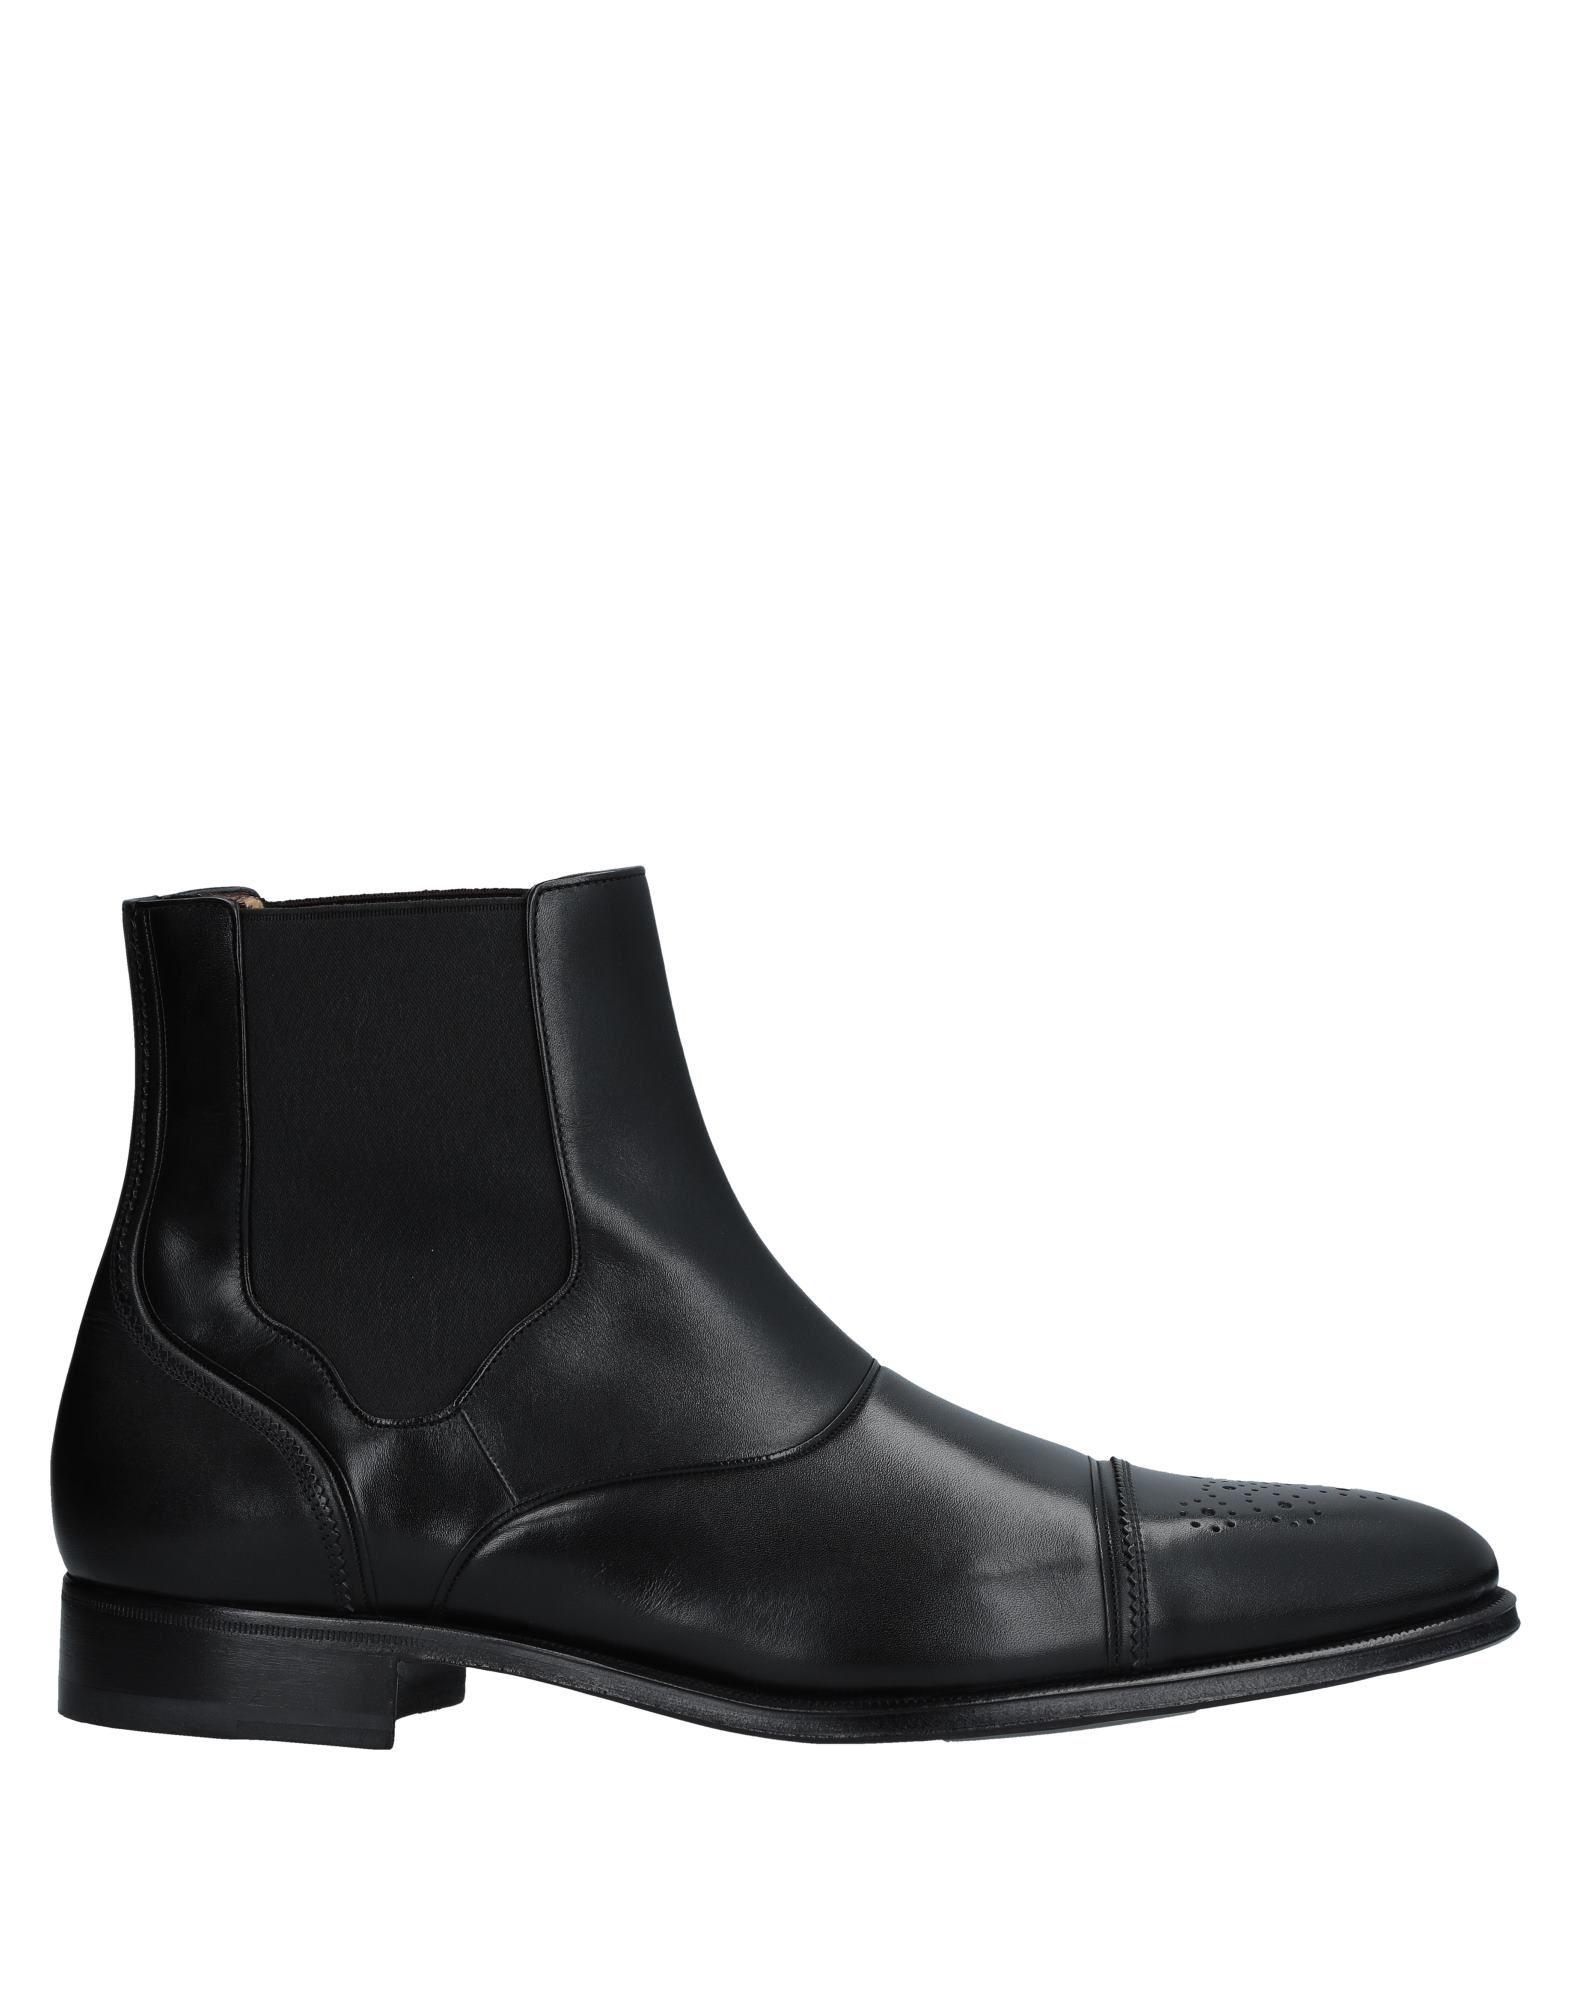 A.Testoni Stiefelette Herren  11539446KP Gute Qualität beliebte Schuhe